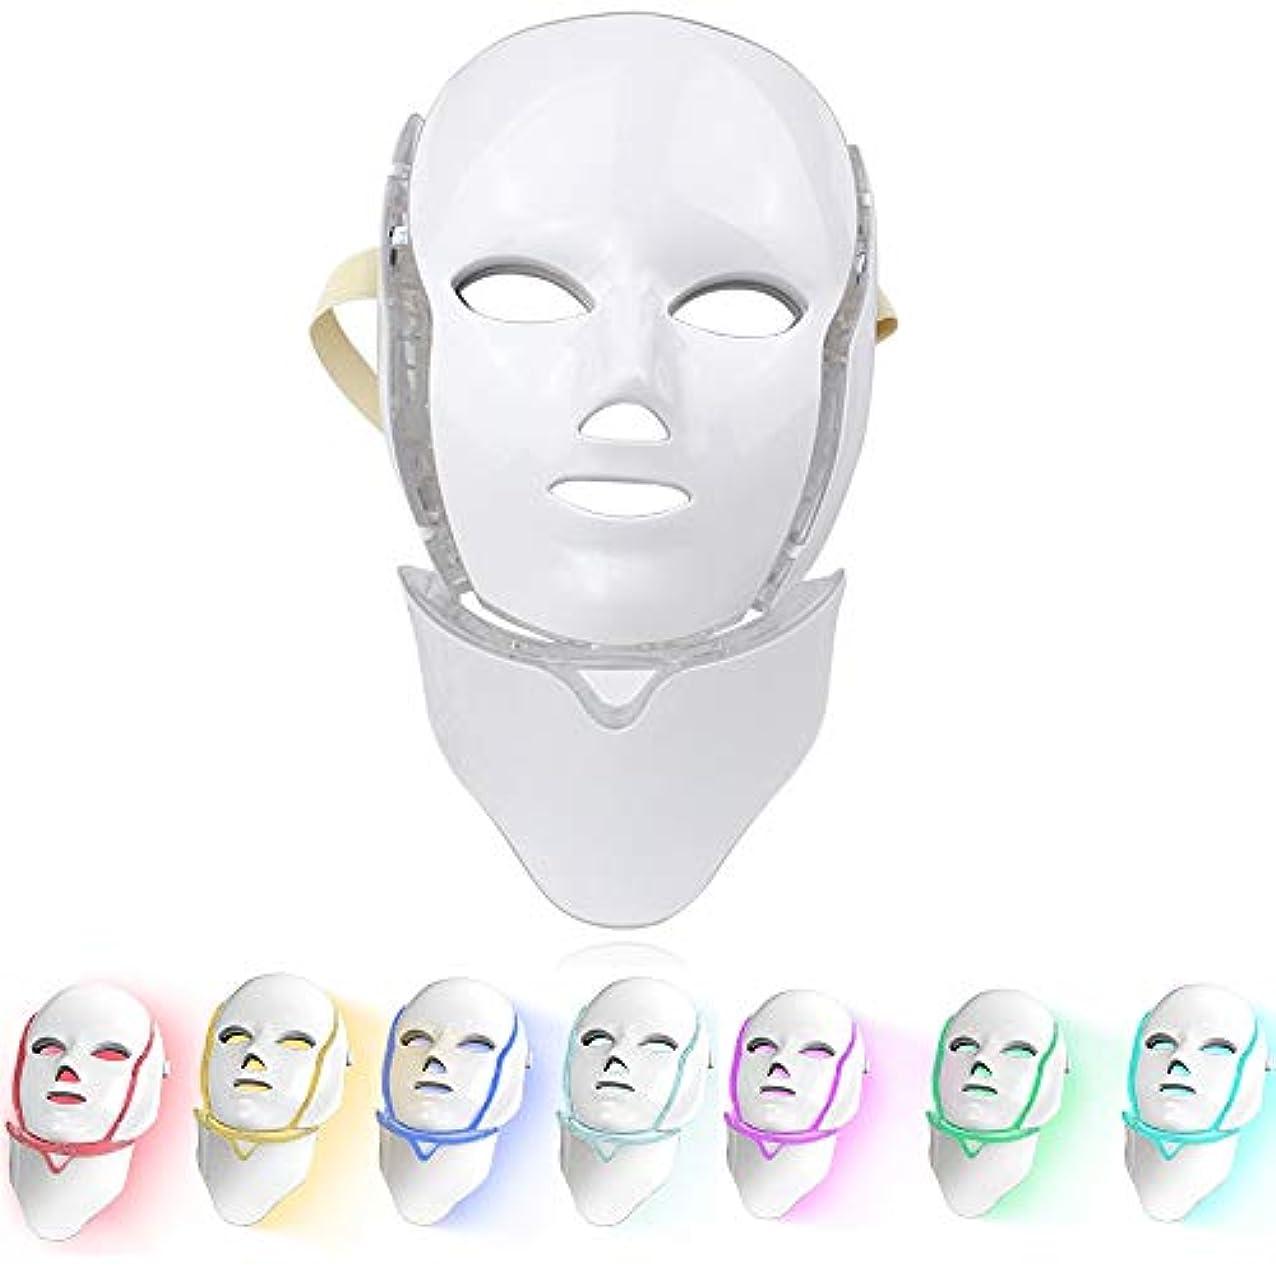 適応するいうマイナスLED光線療法マスク(ネック付き)7色光線治療スキンケア美容光線療法アンチエイジングアクネリンクルマスク